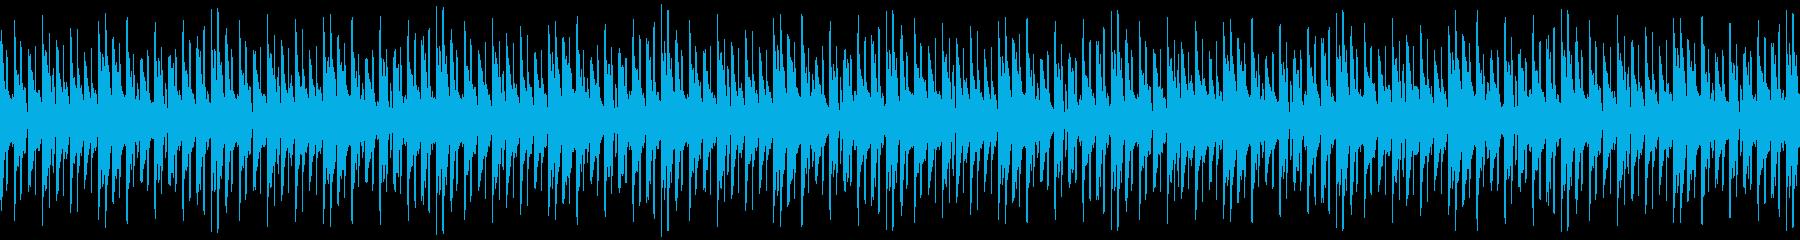 Loop Music (BGM)の再生済みの波形